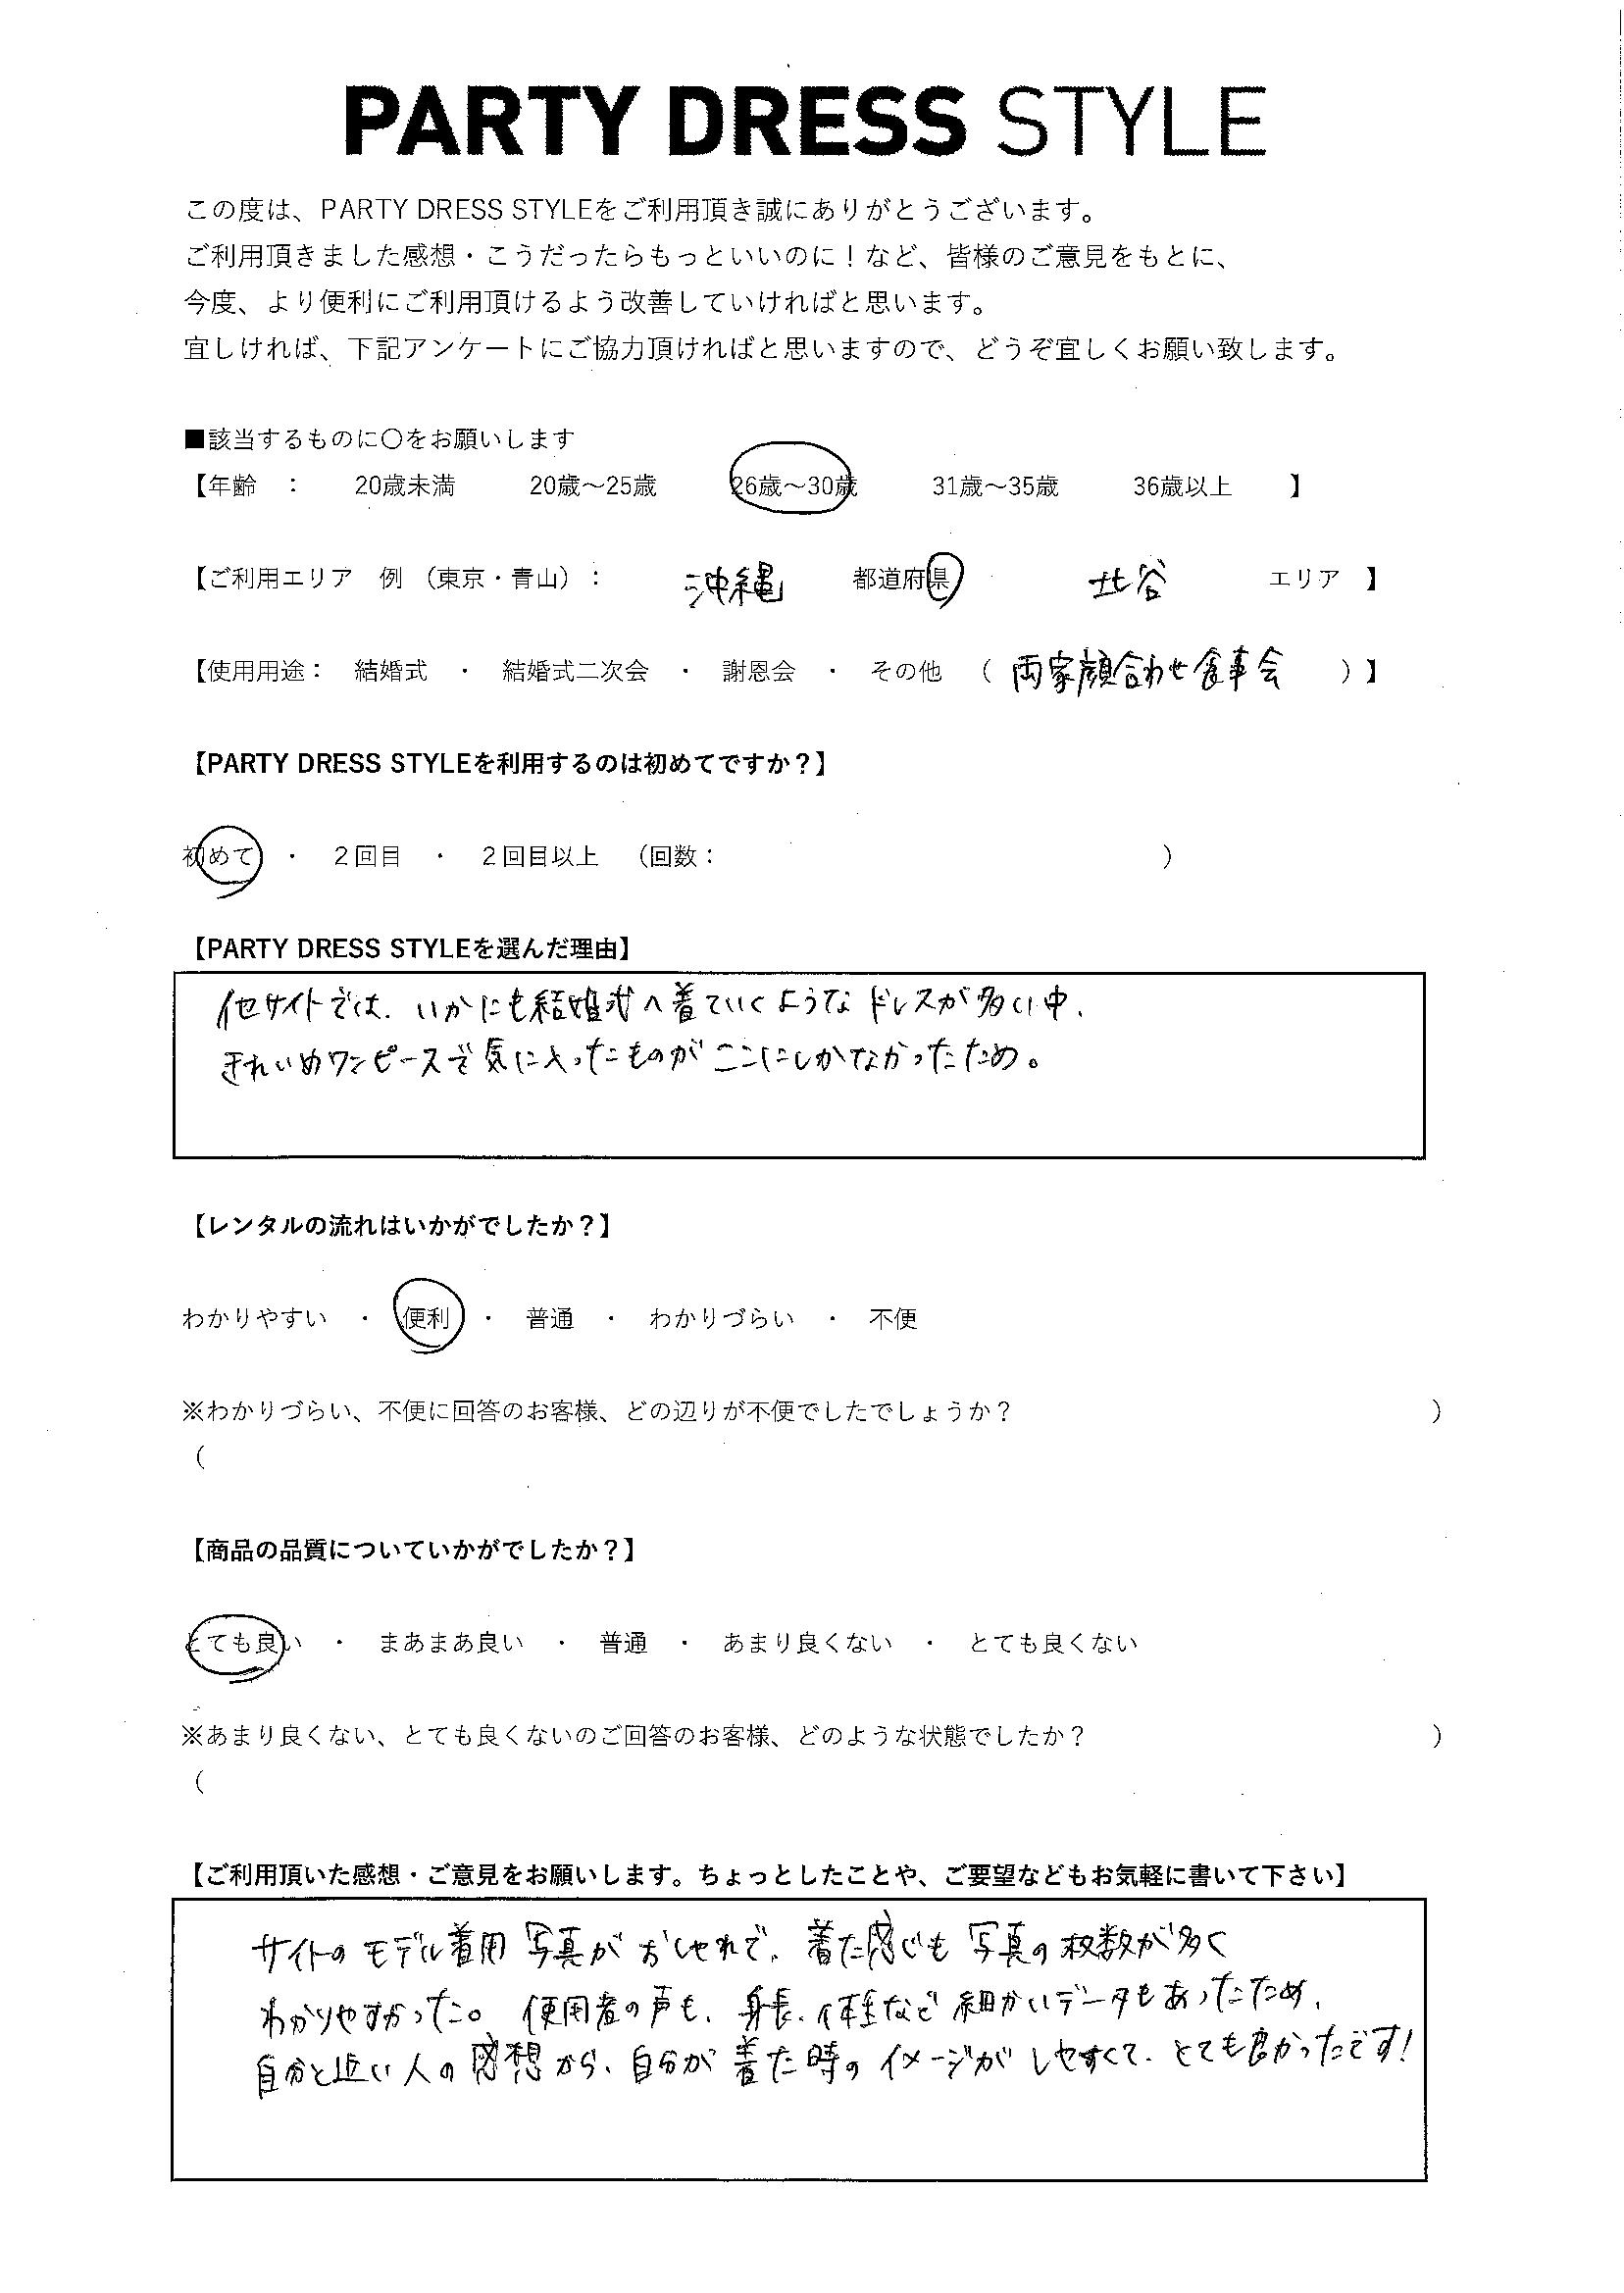 9/1両家顔合わせ食事会にてご利用 沖縄・北谷エリア